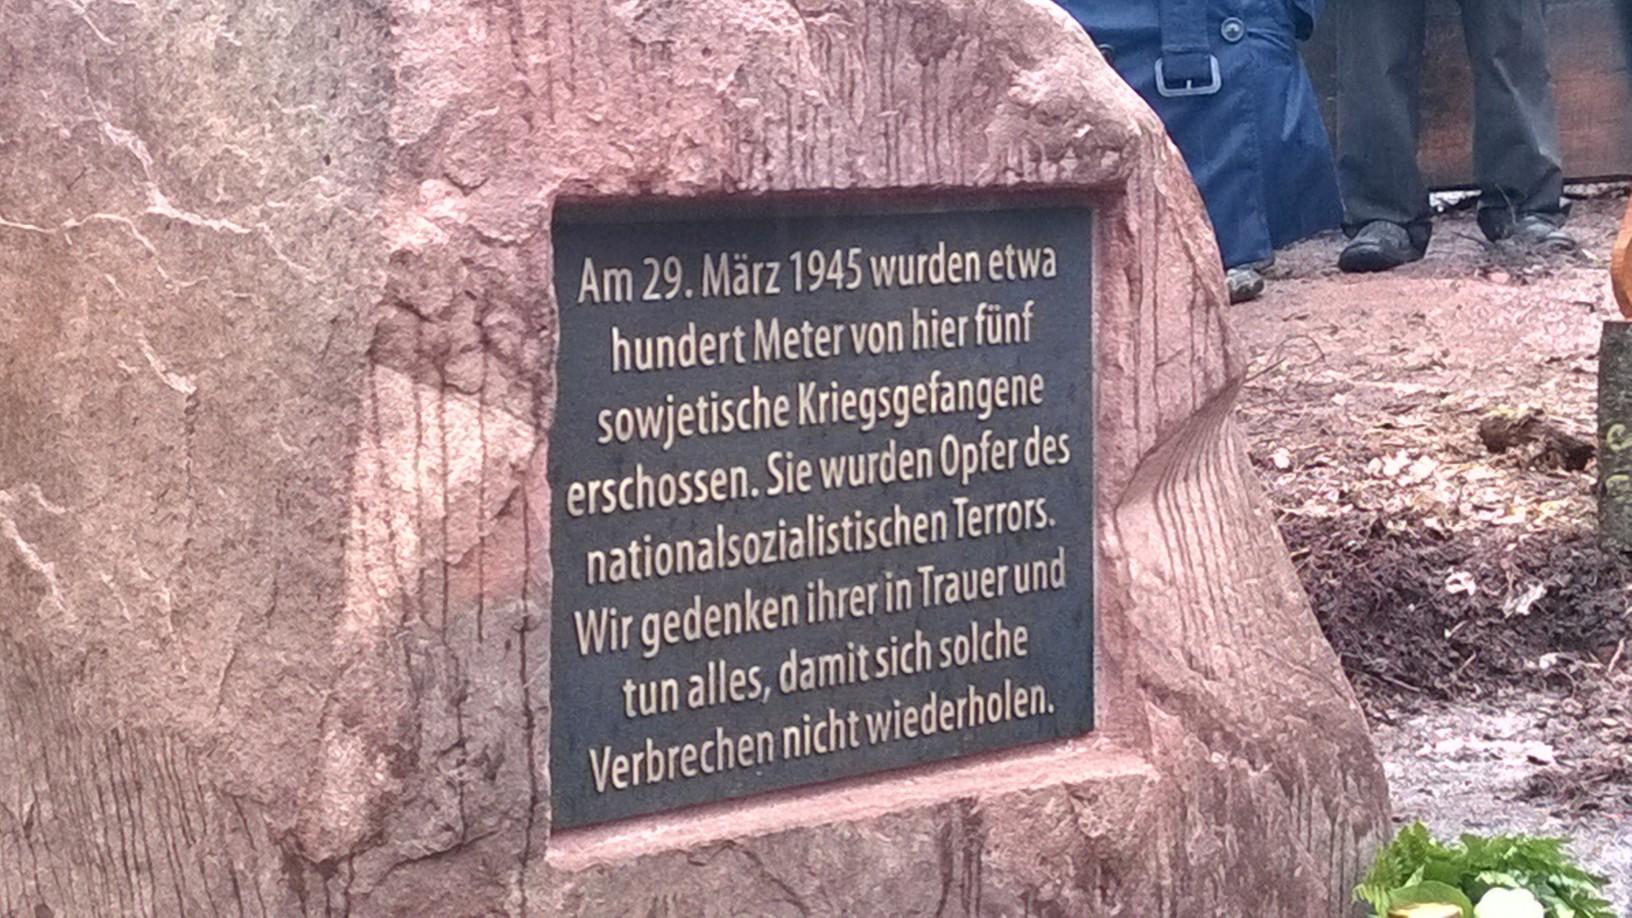 Gedenkstein zur Erinnerung an die fünf sowjetischen Kriegsgefangenen, die in Rieneck ermordet wurden.